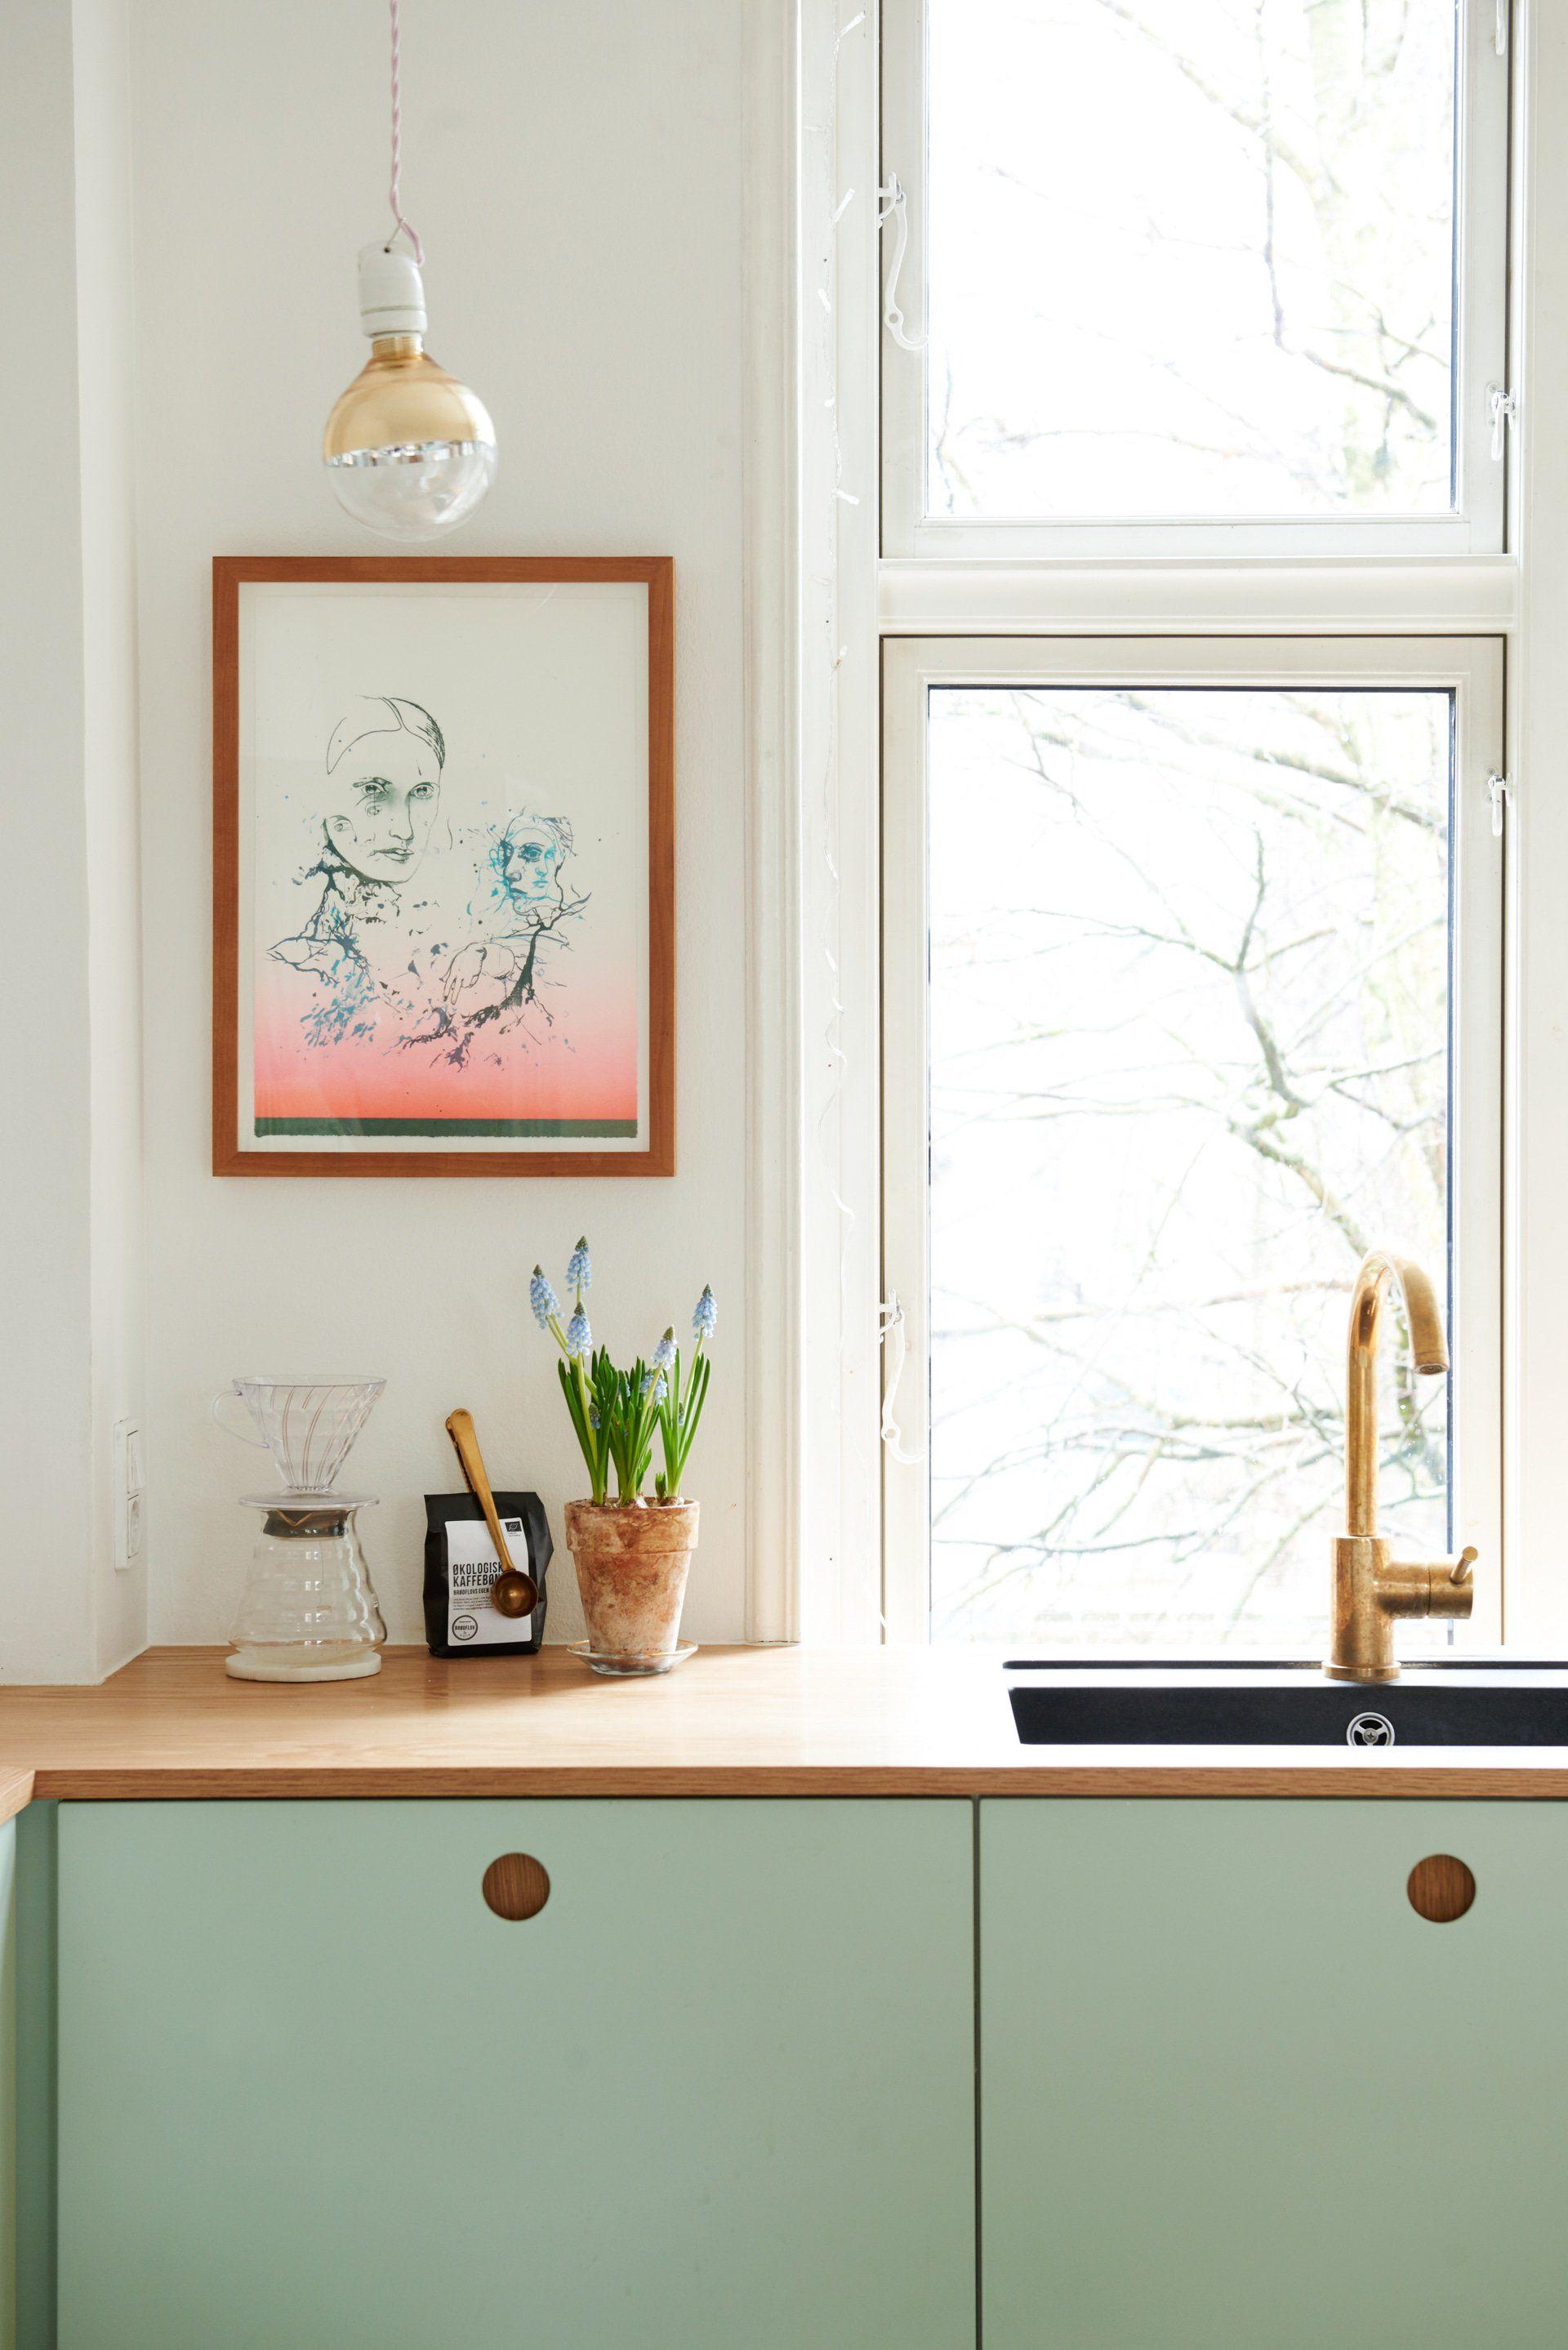 Inspiration: Frederiksberg, Denmark